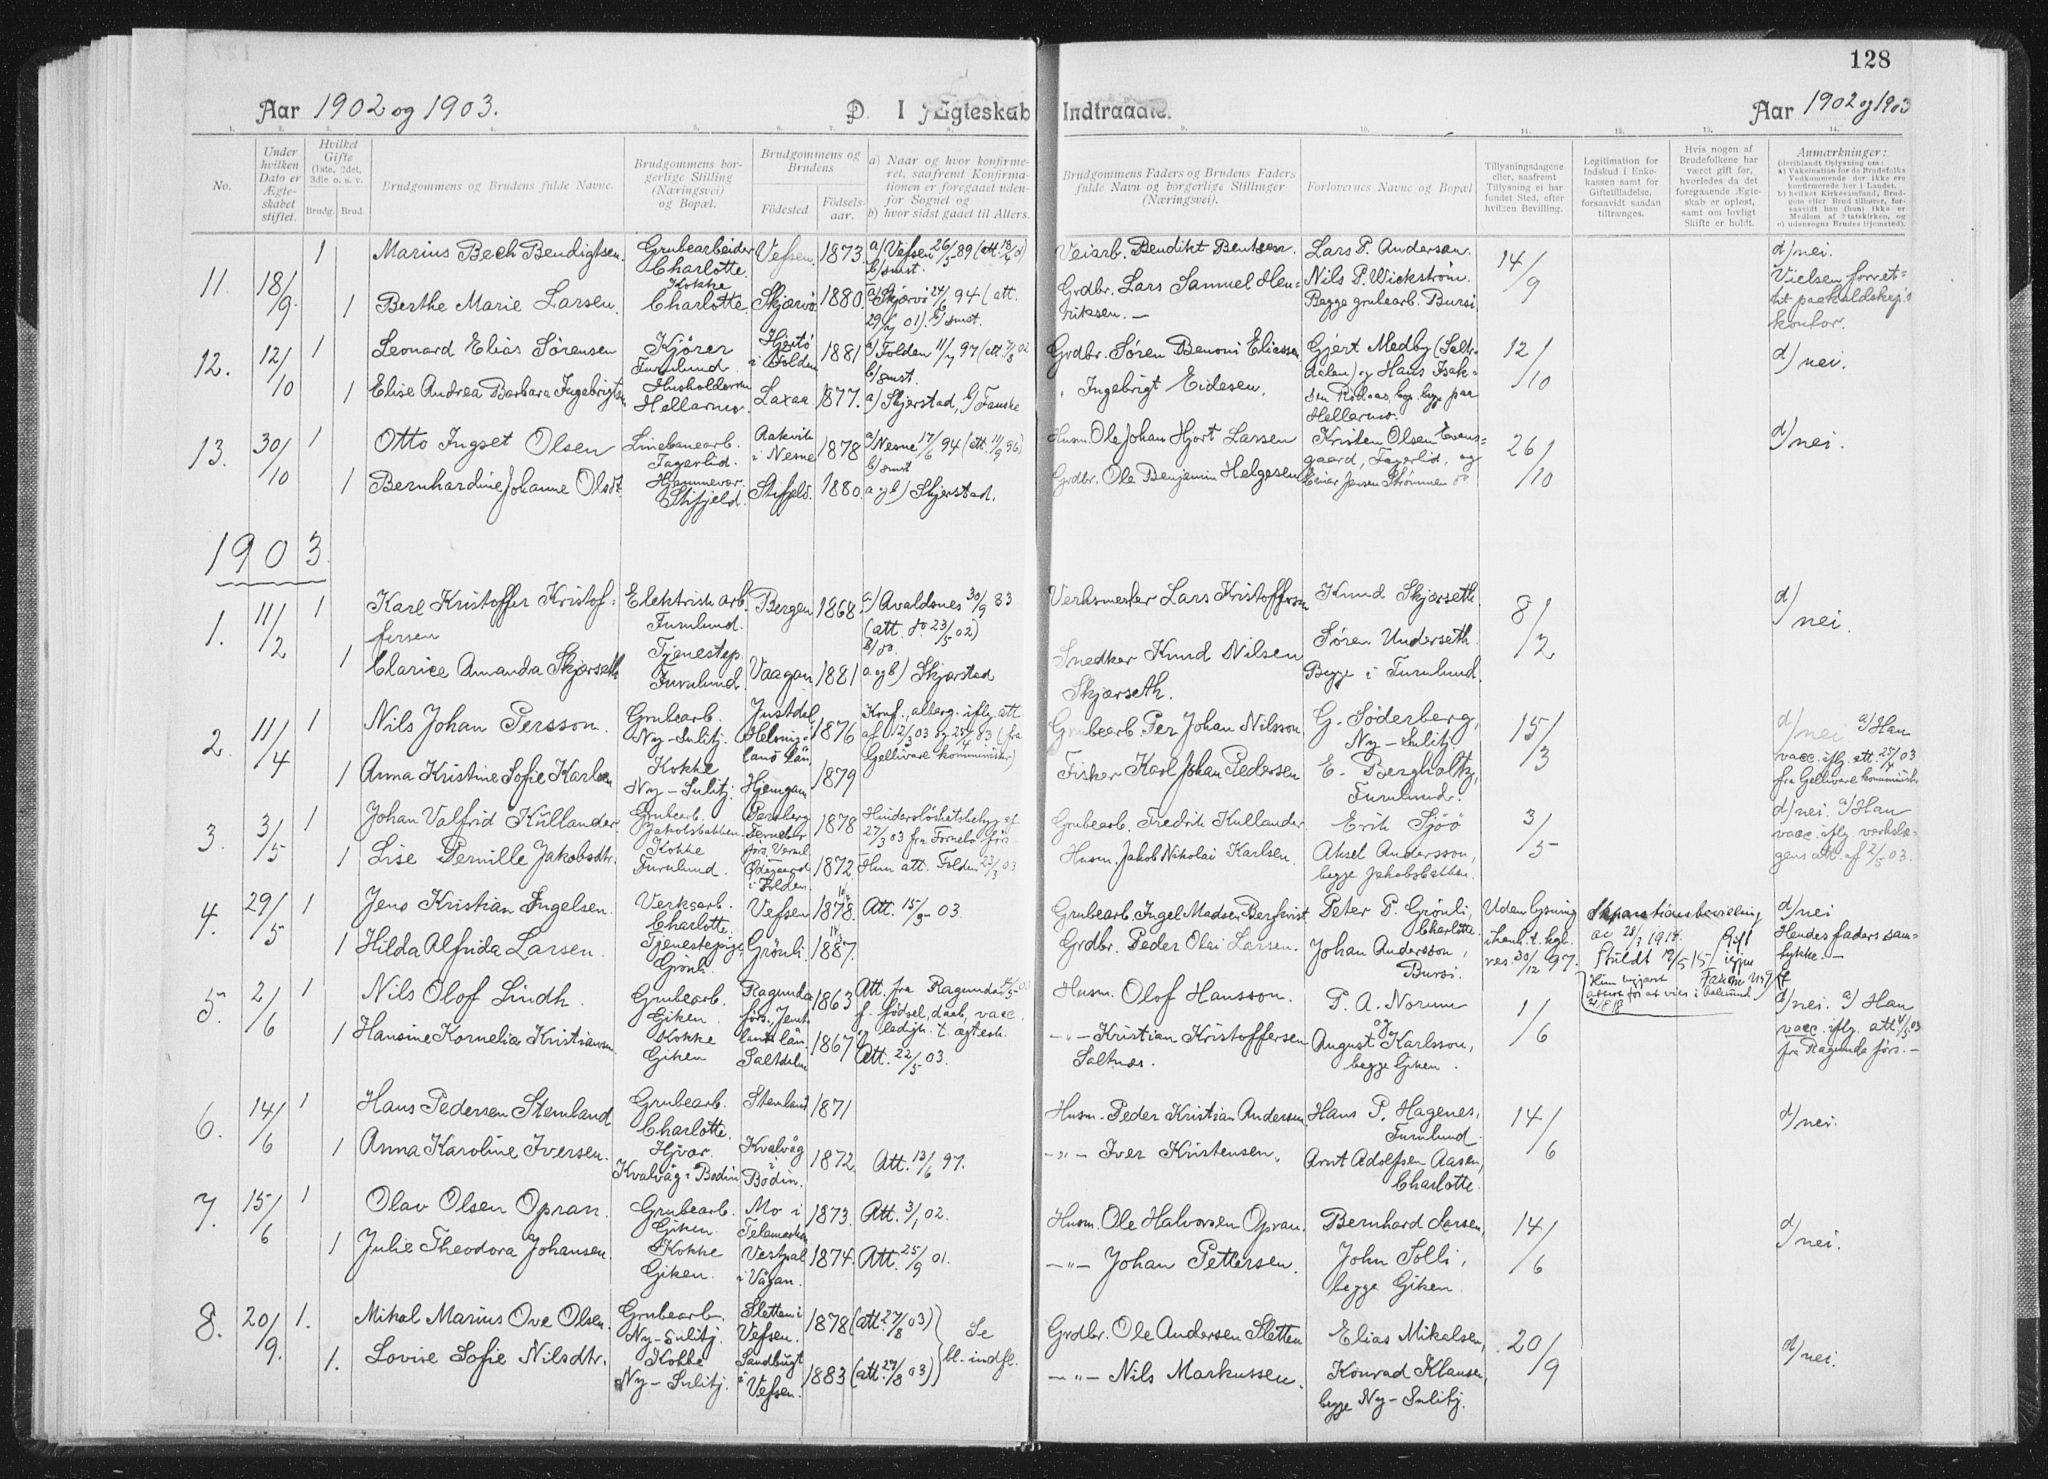 SAT, Ministerialprotokoller, klokkerbøker og fødselsregistre - Nordland, 850/L0711: Residerende kapellans bok nr. 850B01, 1902-1915, s. 128